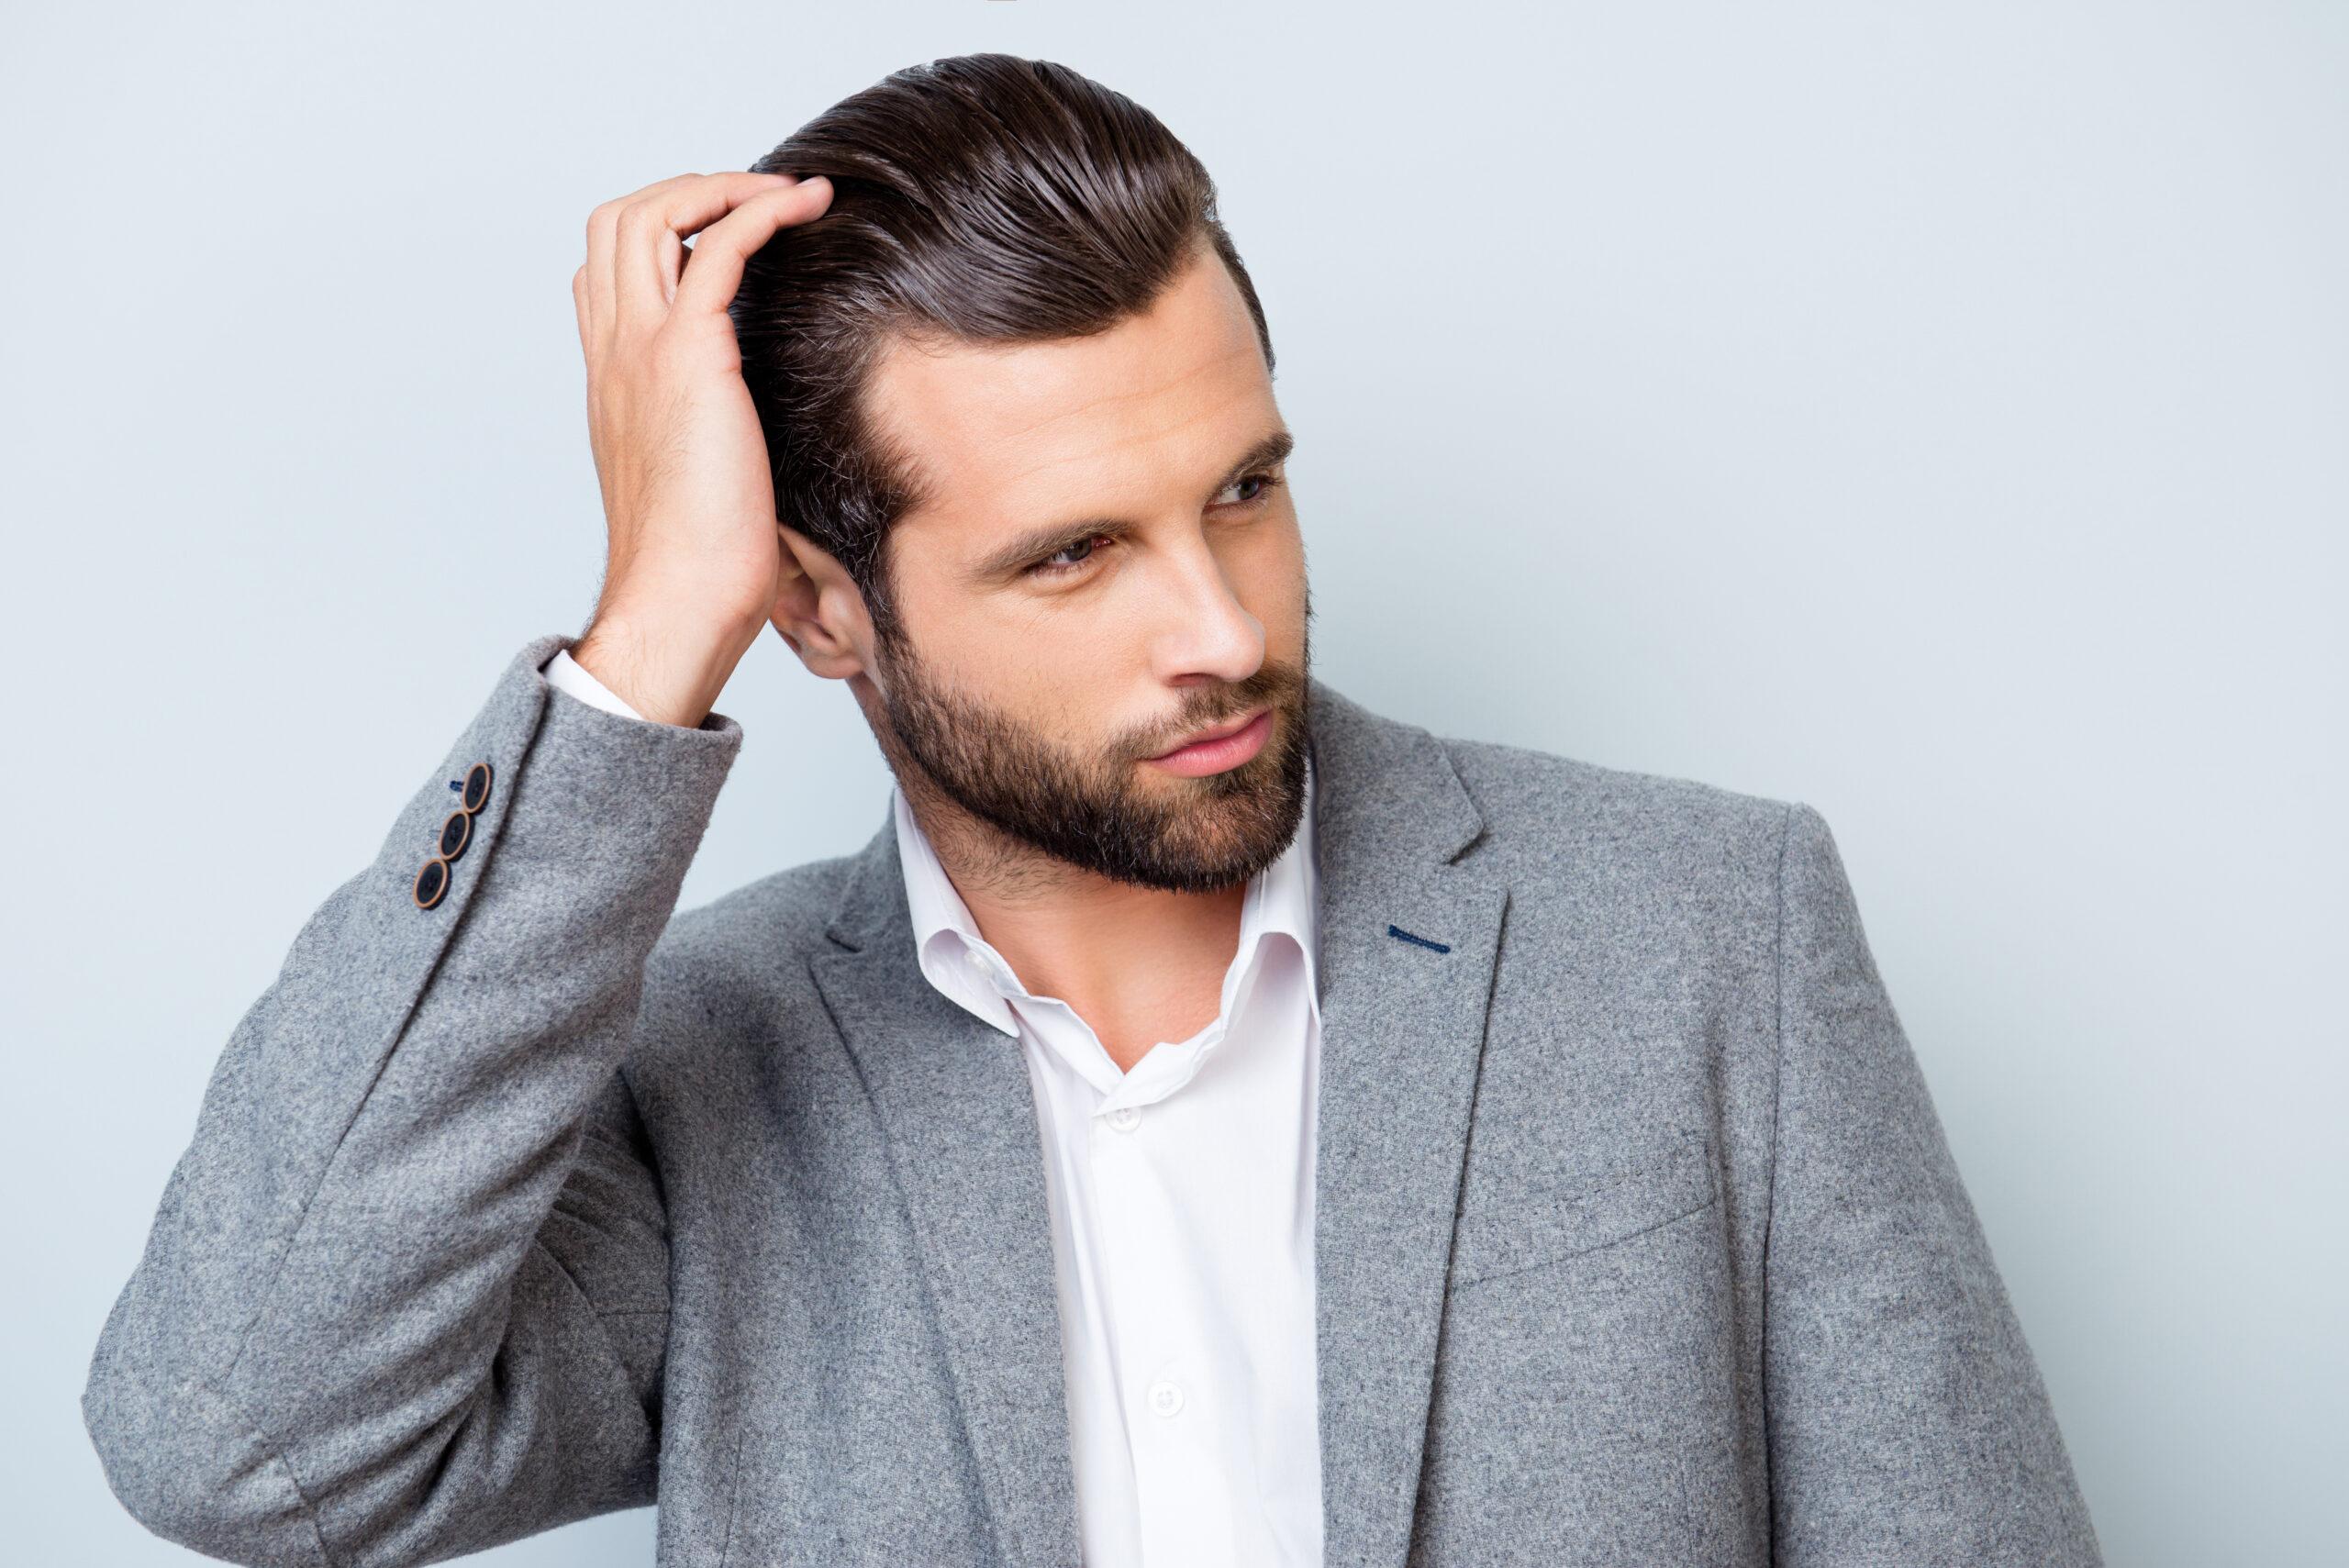 Cheveux fins et clairsemés : comment en prendre soin (conseils et traitements)